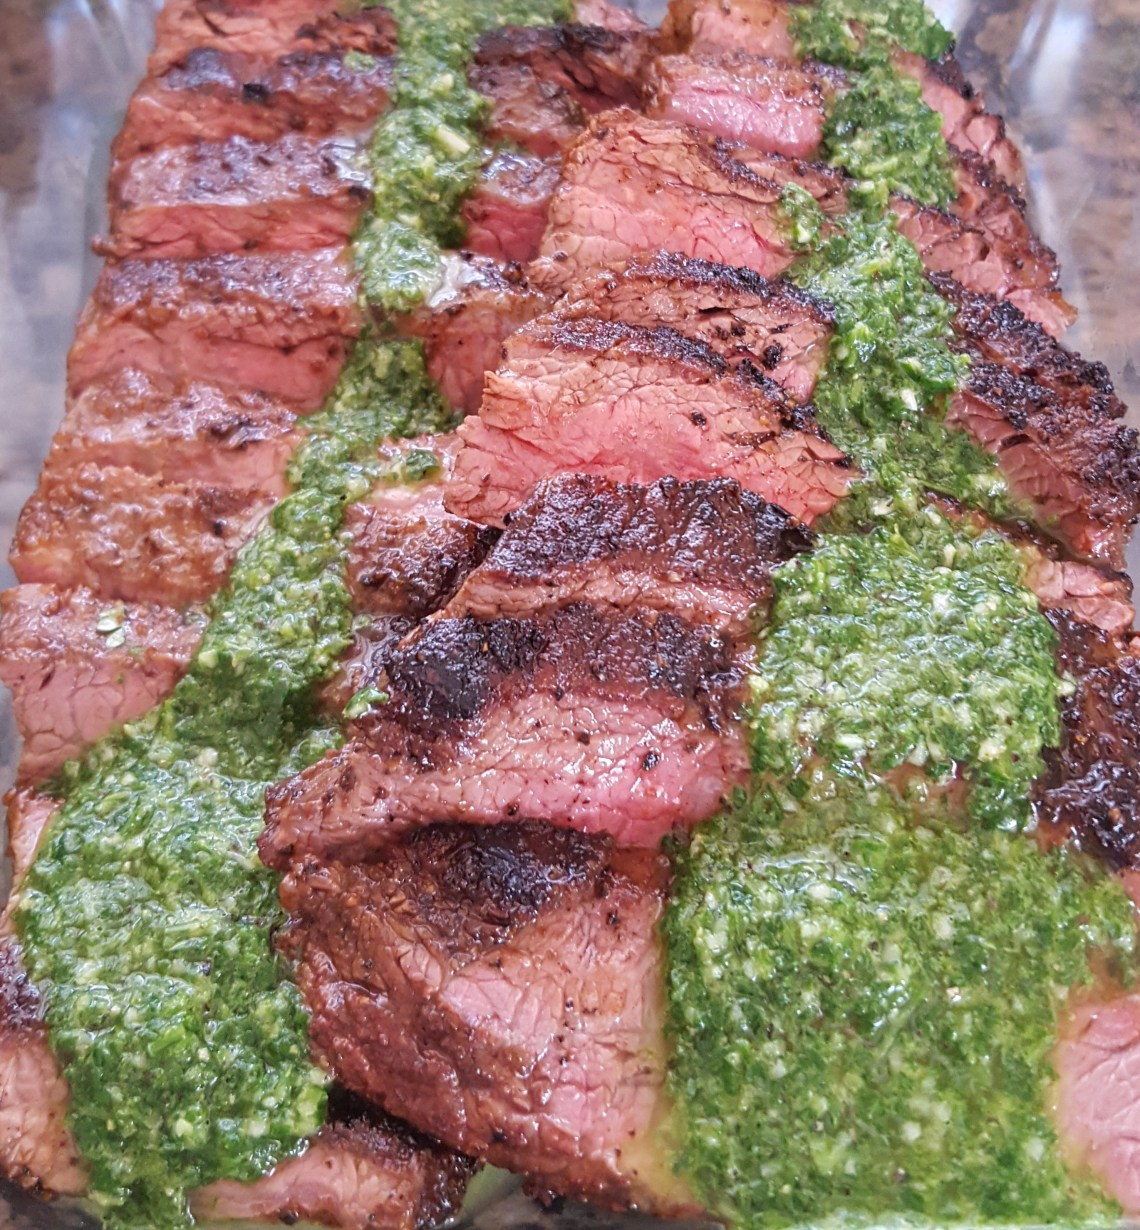 Chimichurri on Flank steak